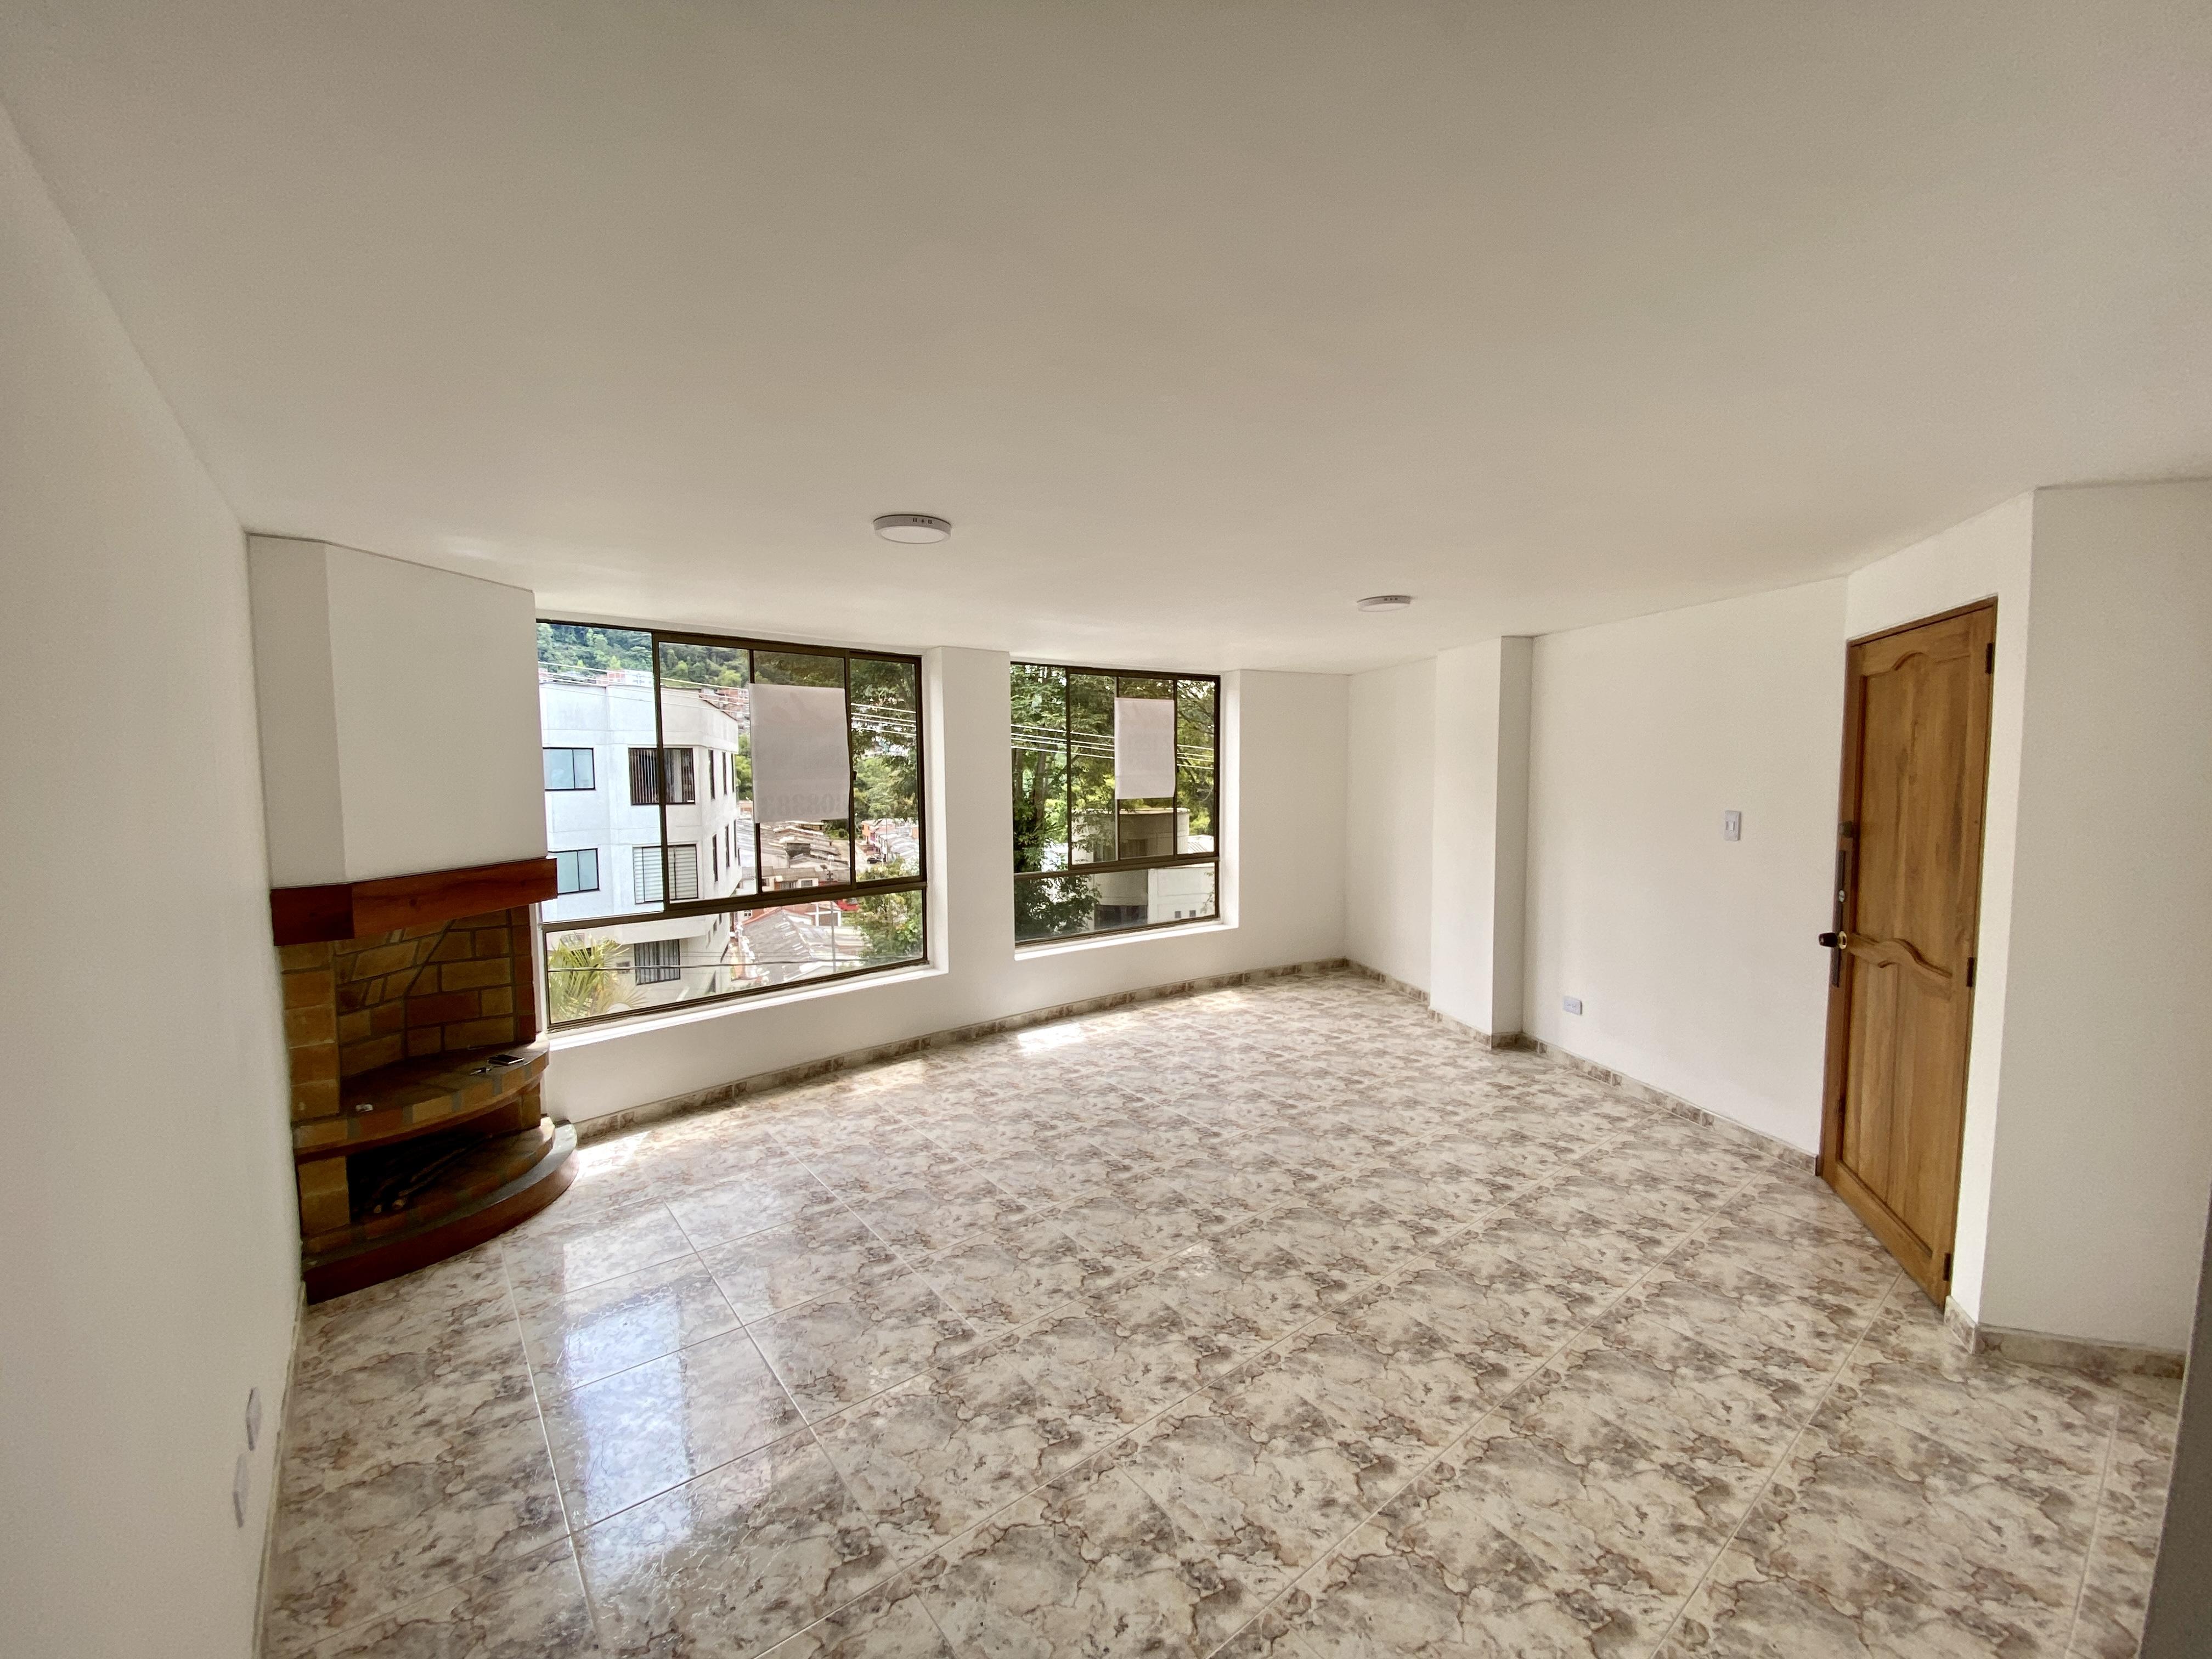 Apartamento en Manizales 110559, foto 14